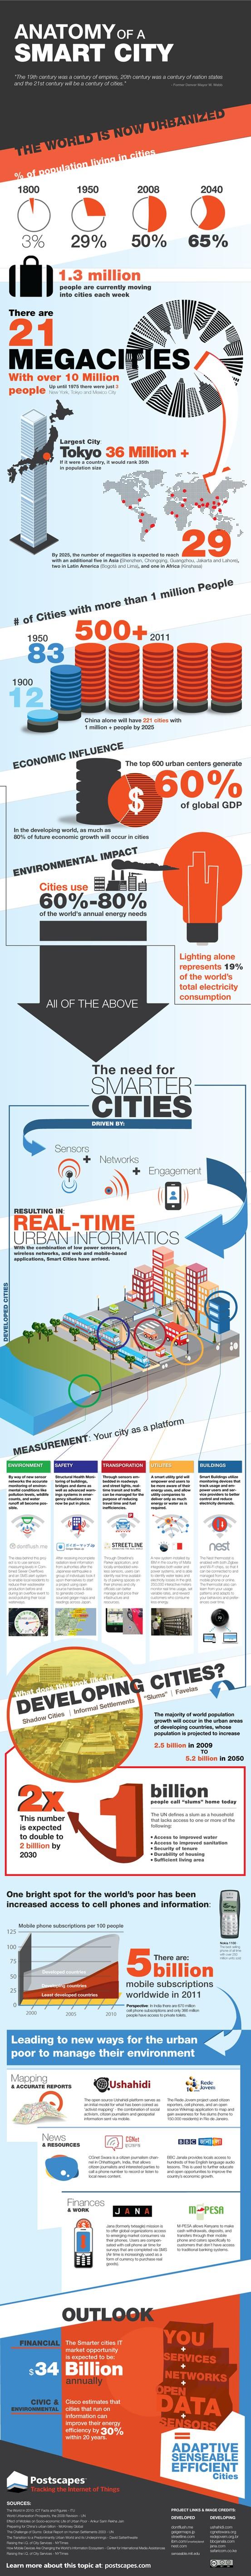 infografia AnatomIa Smart City - blog hostalia hosting